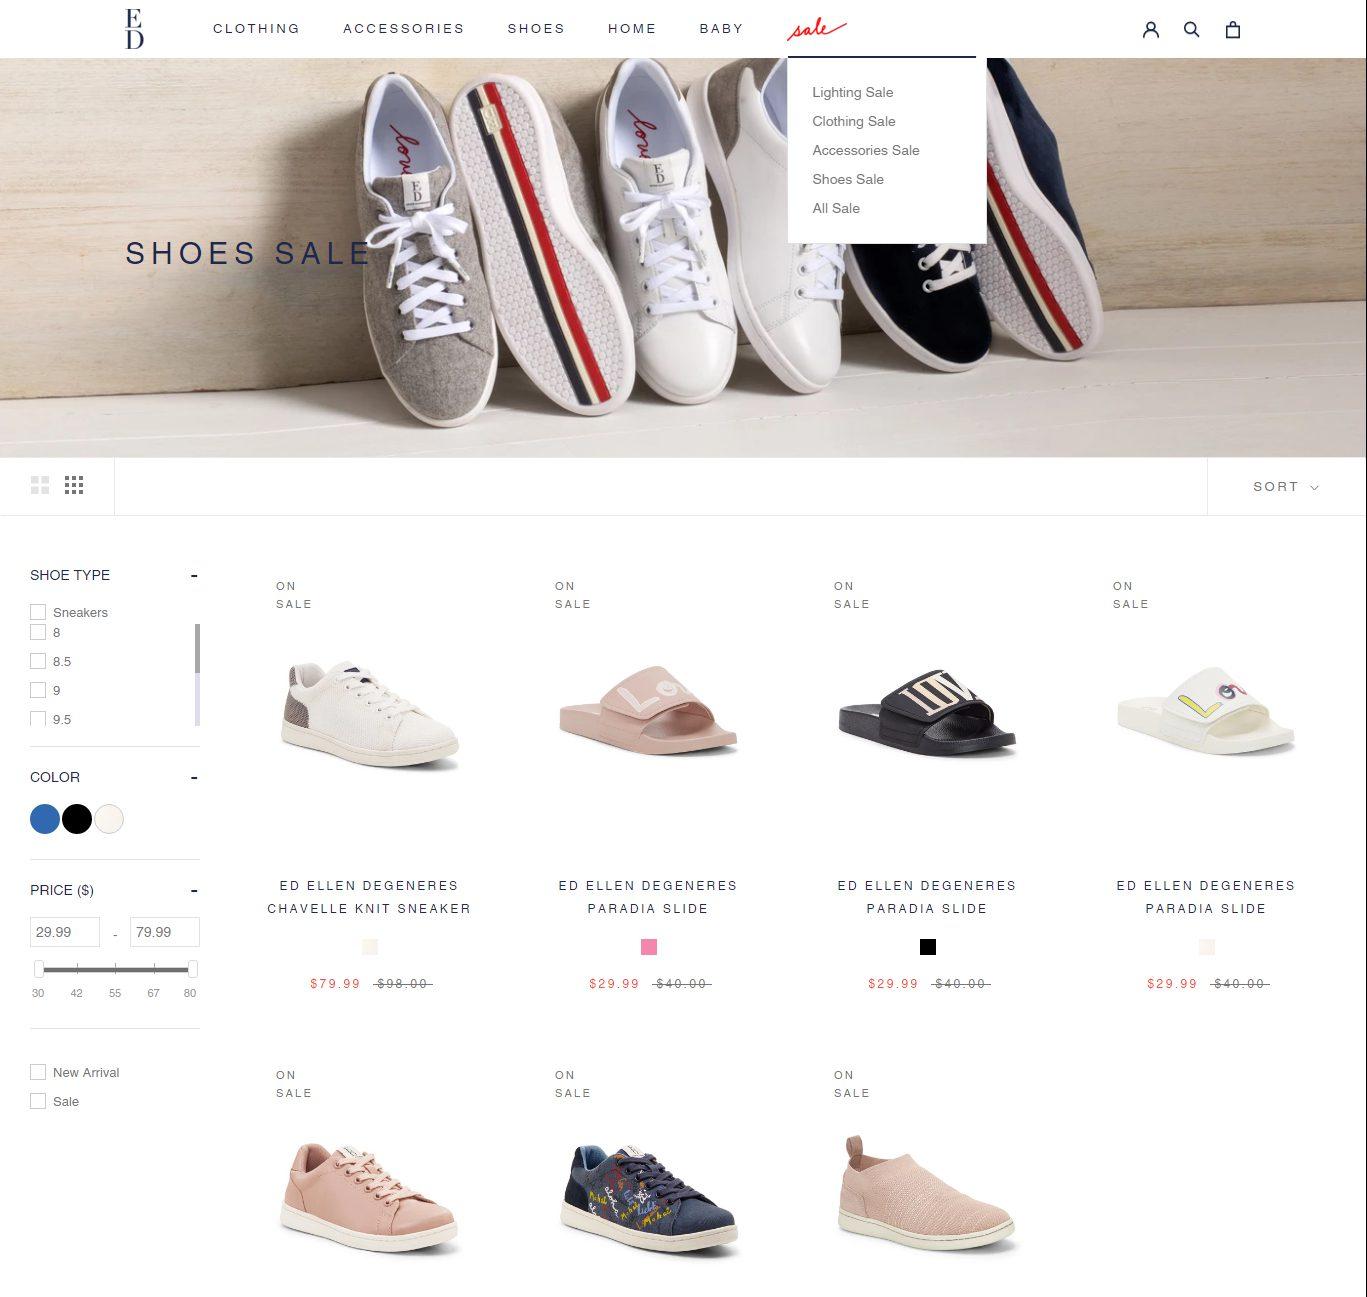 edbyellen - best shopify clothing store